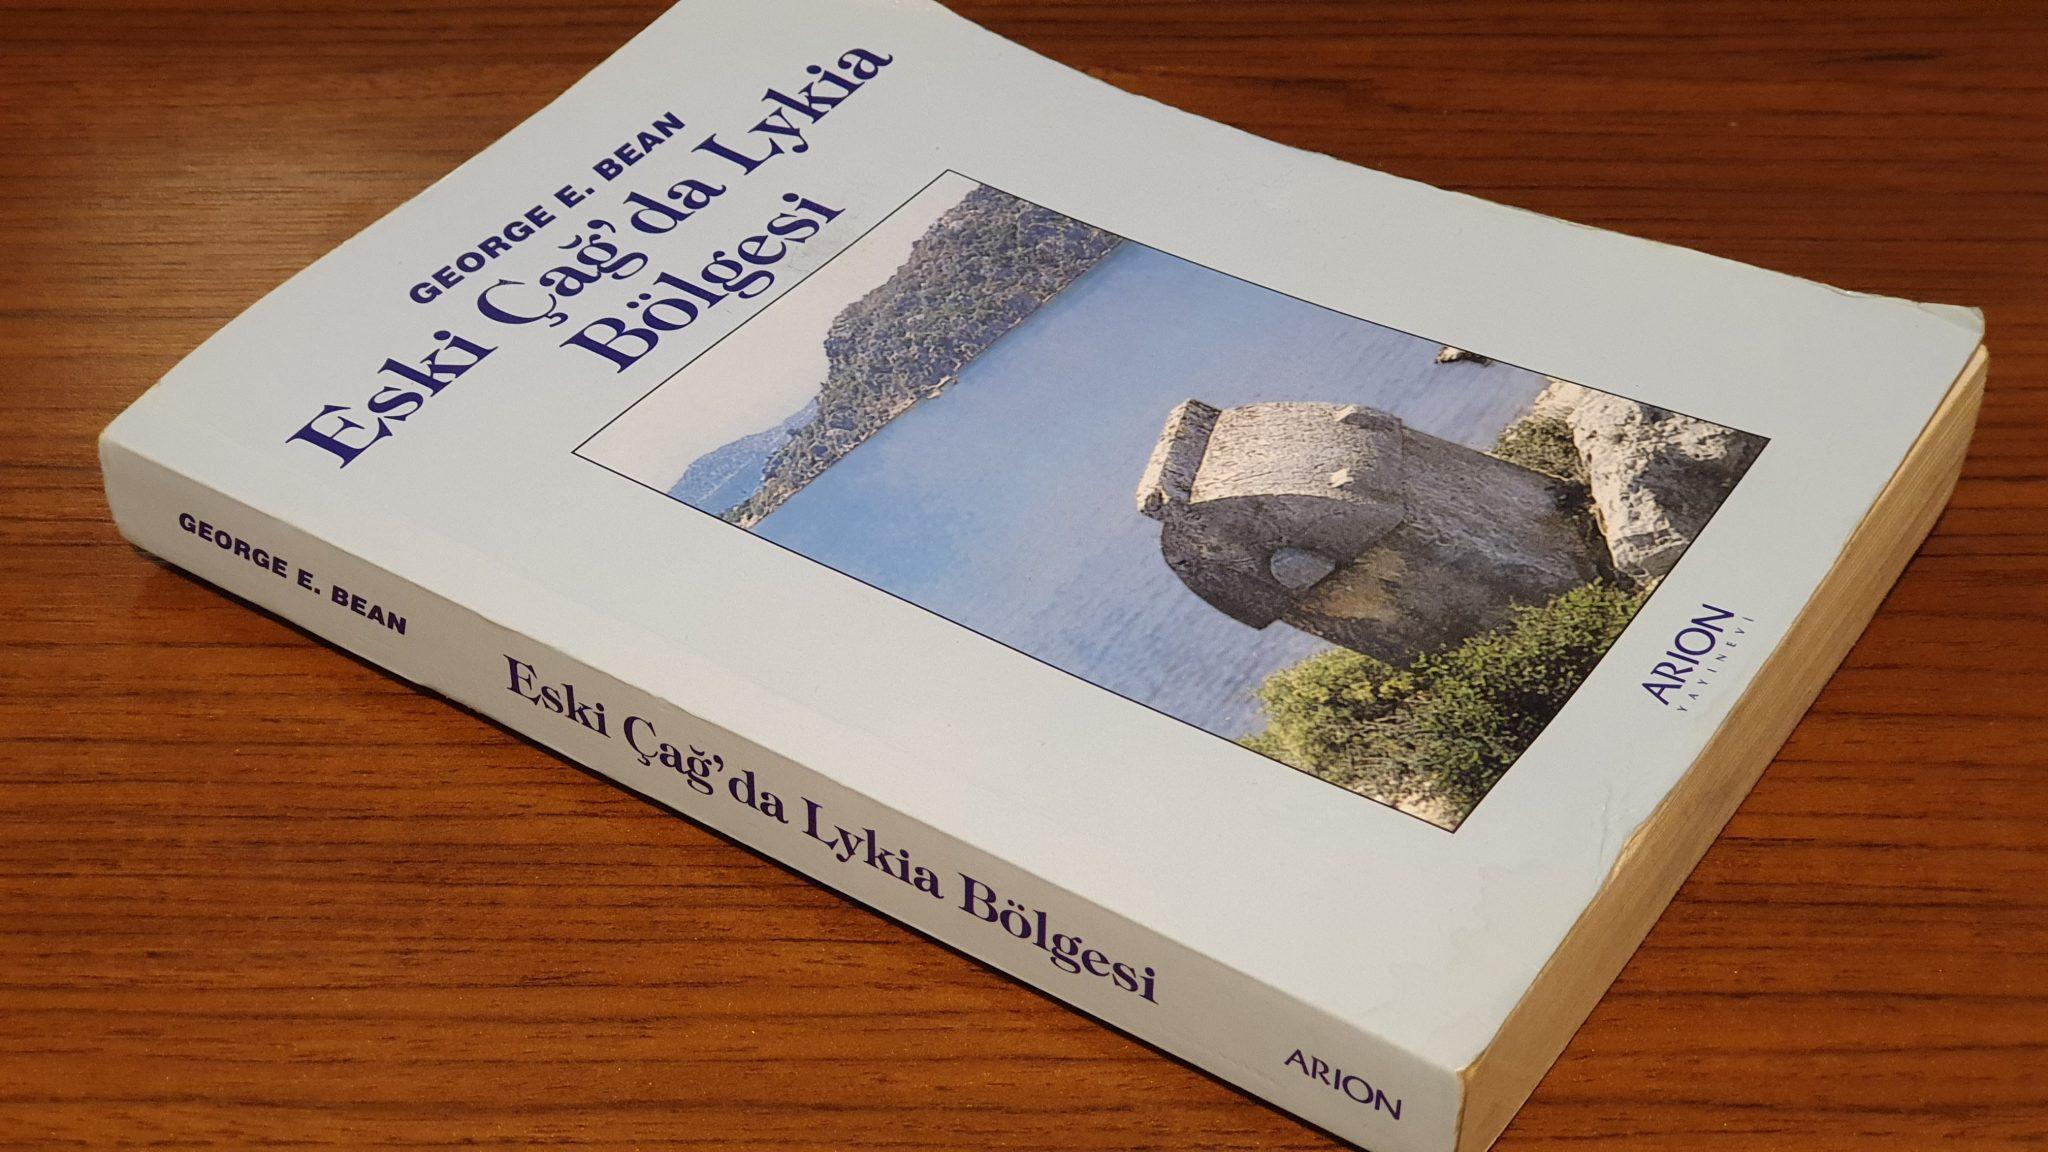 Eski Çağ'da Lykia Bölgesi - George E. Bean